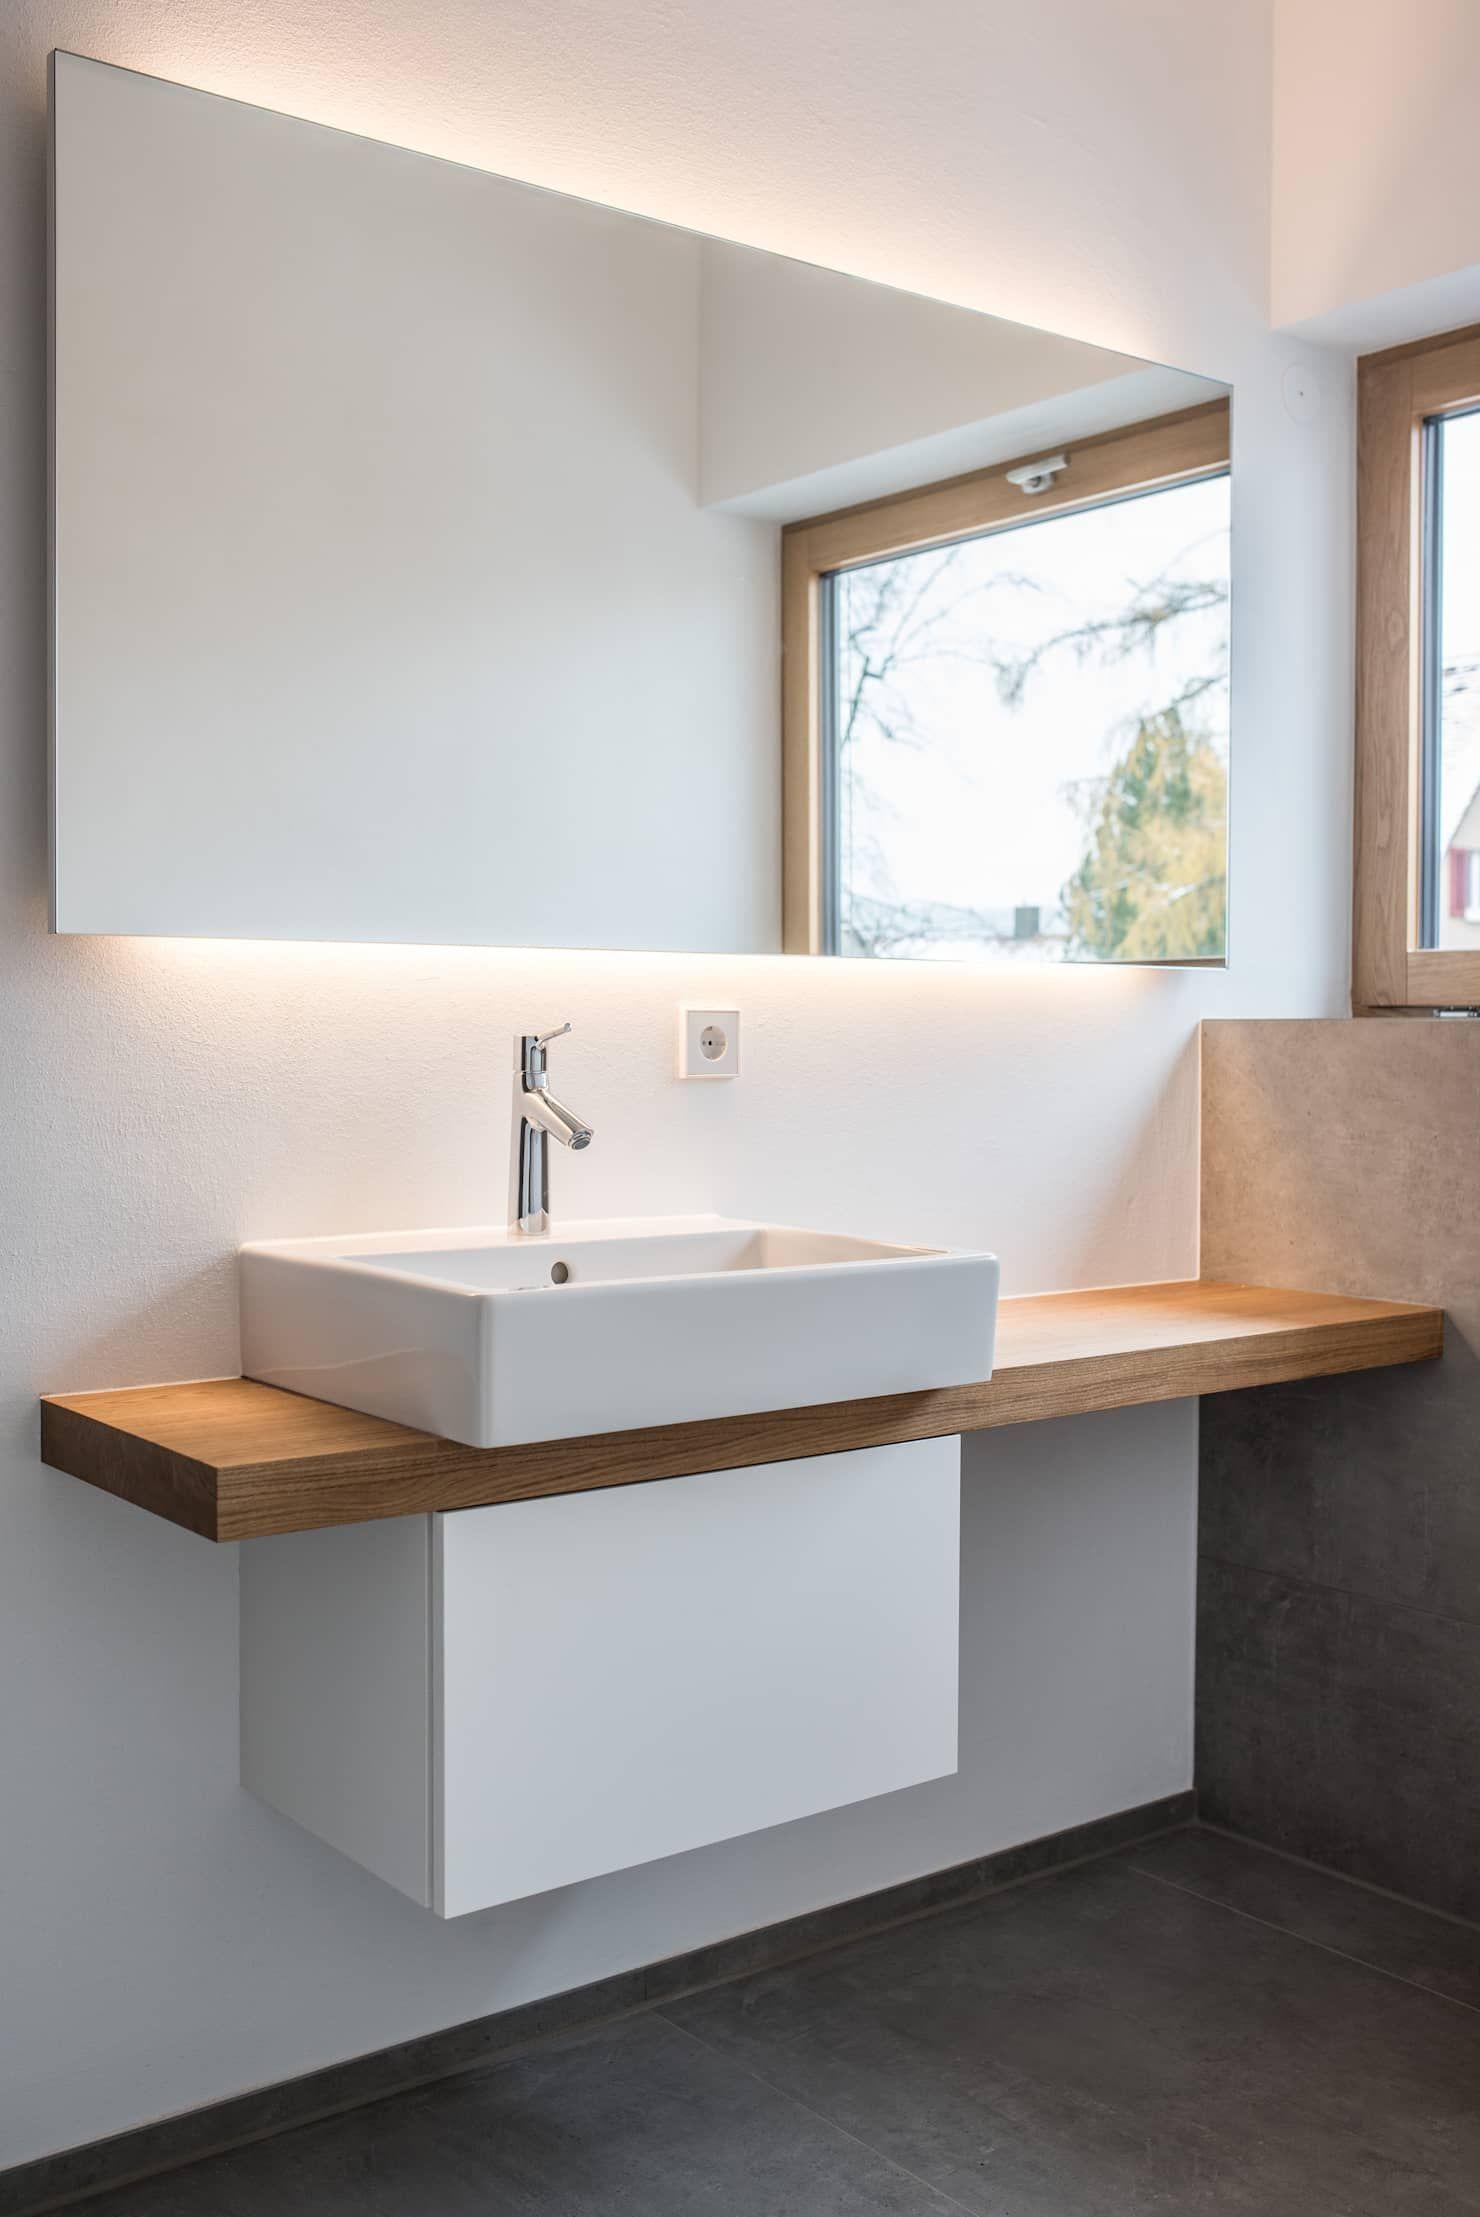 Waschtisch mannsperger möbel + raumdesign moderne badezimmer   homify   Modern bathroom ...